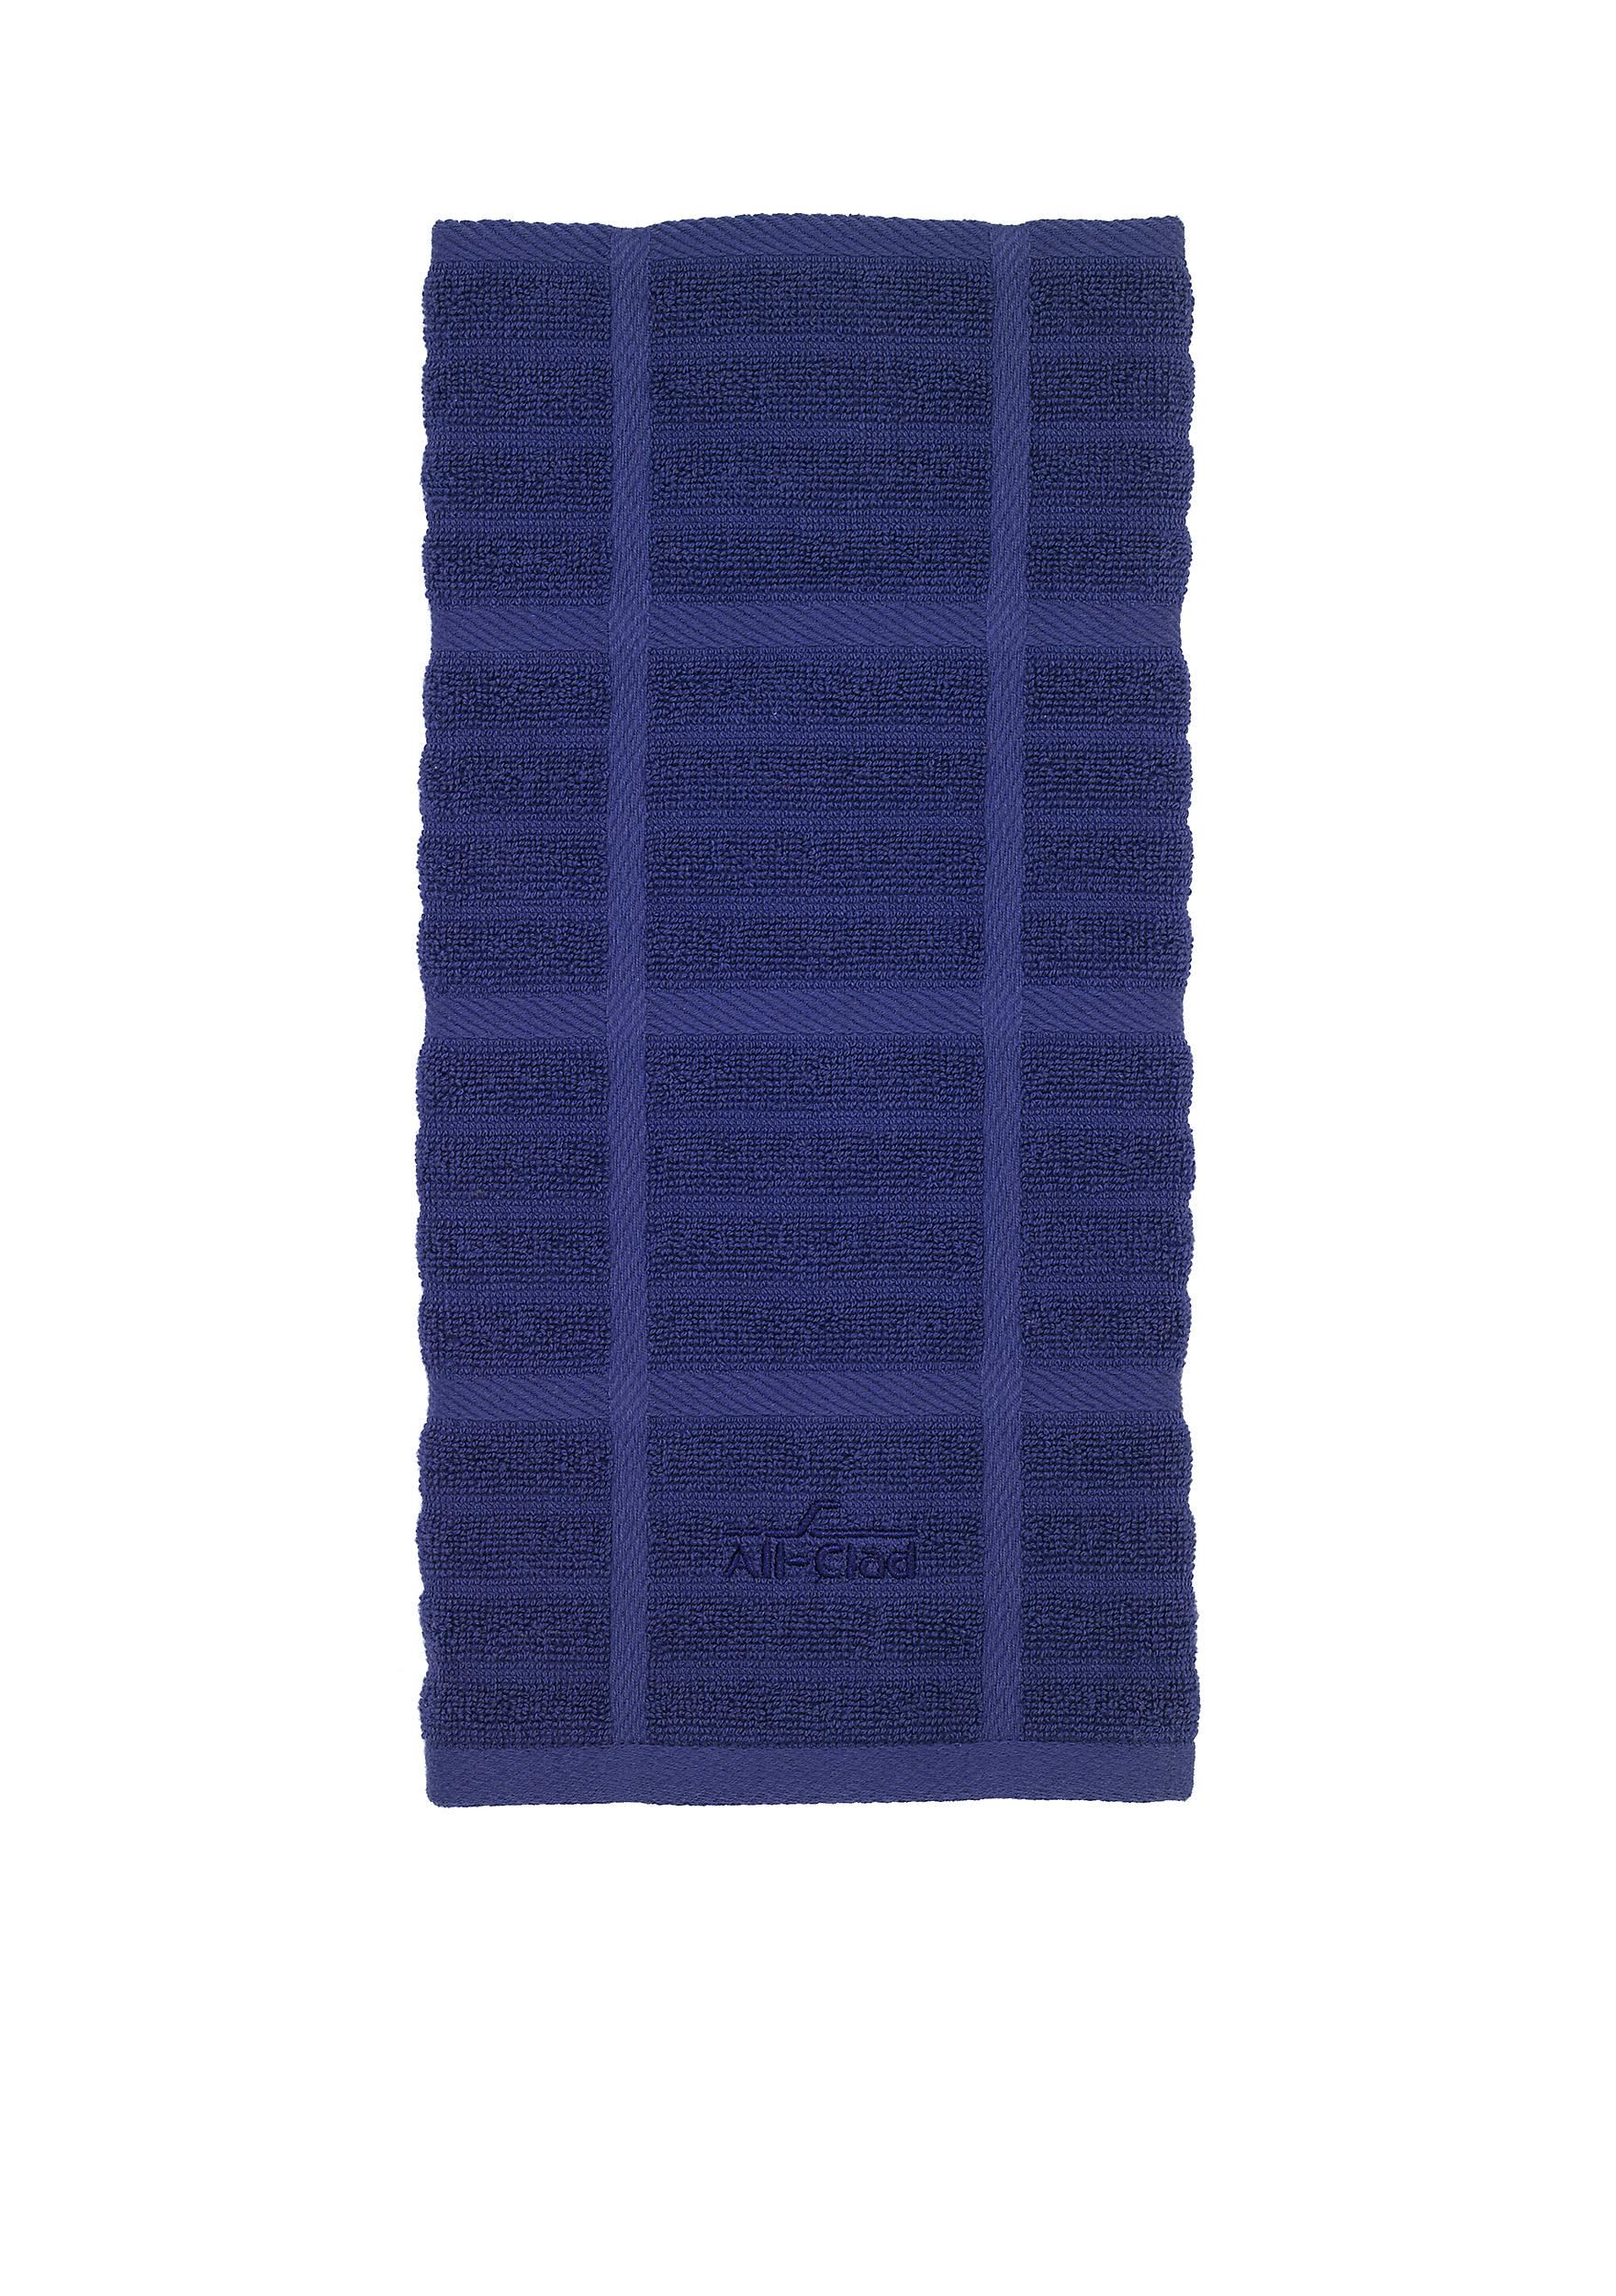 All-Clad Kitchen Towel | belk